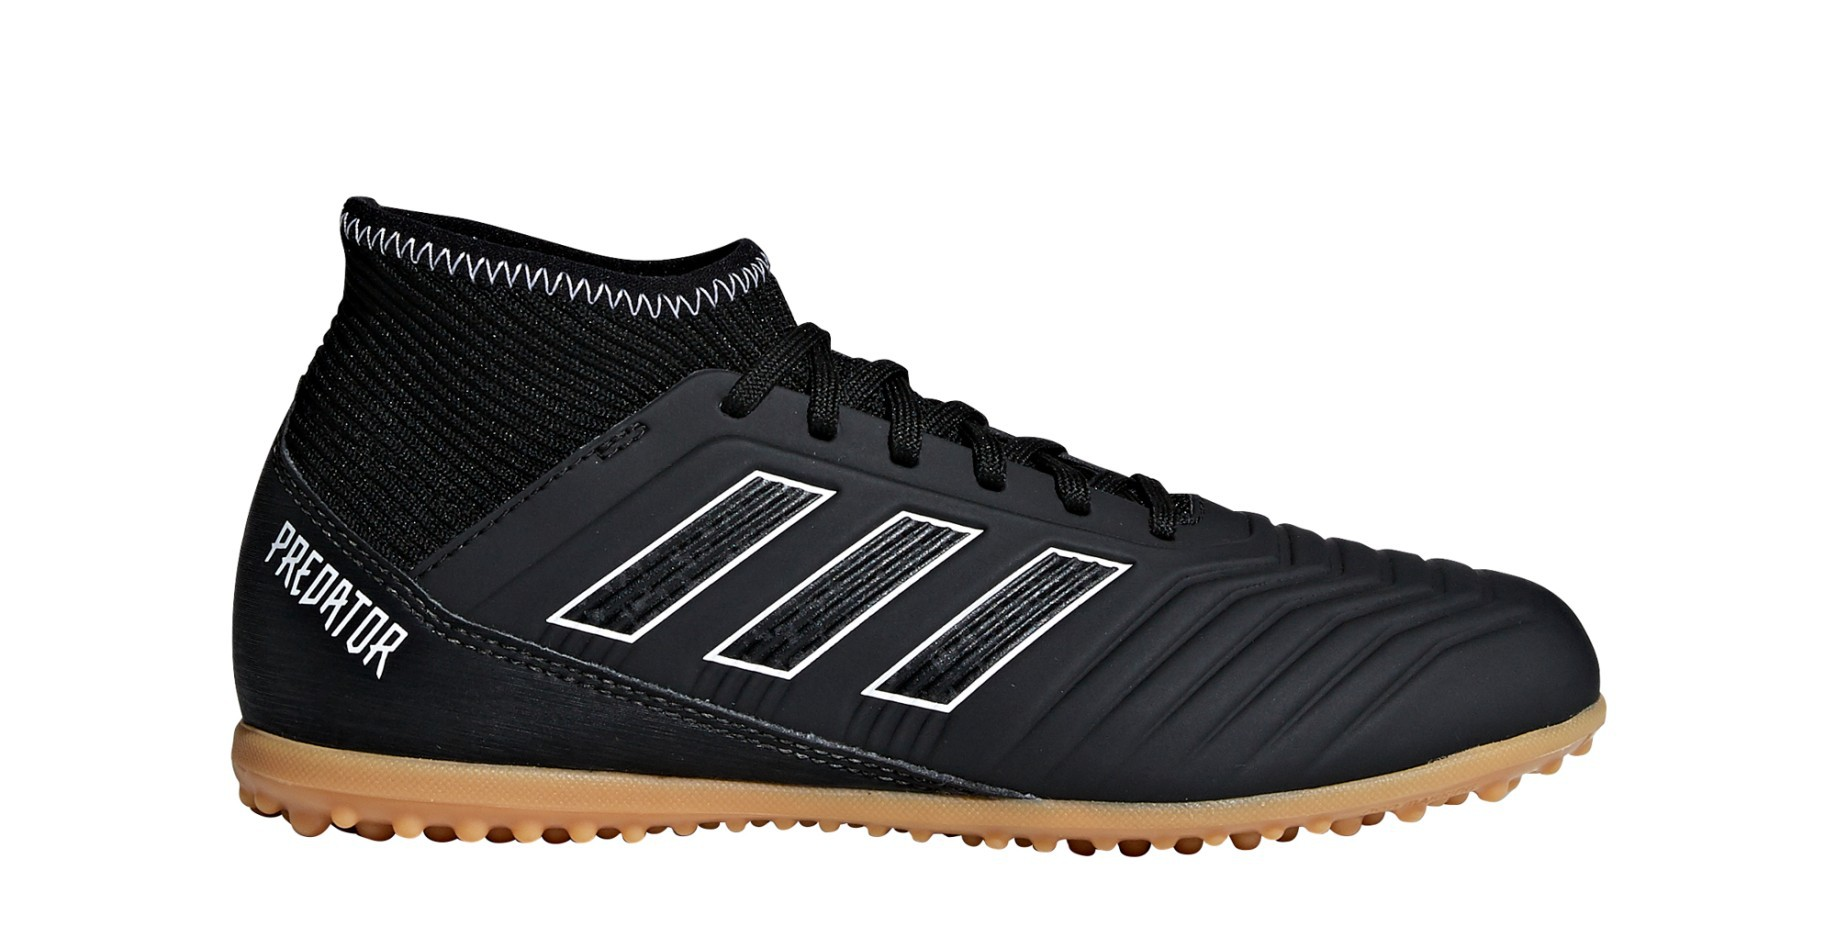 Schuhe Fußball Jungen Adidas Predator Tango 18.3 TF Shadow Mode Packs